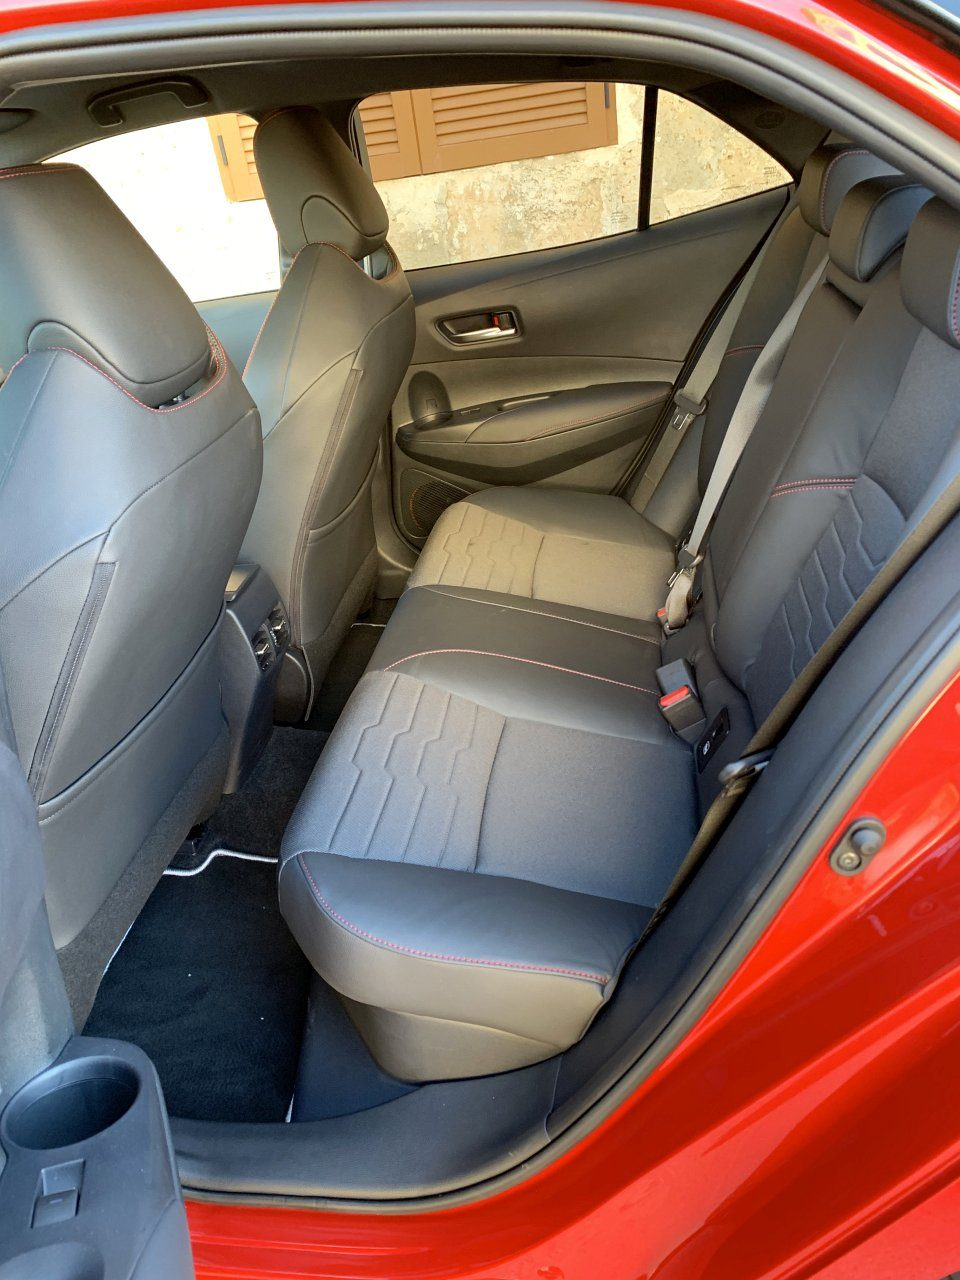 Toyota Corolla задние сидения